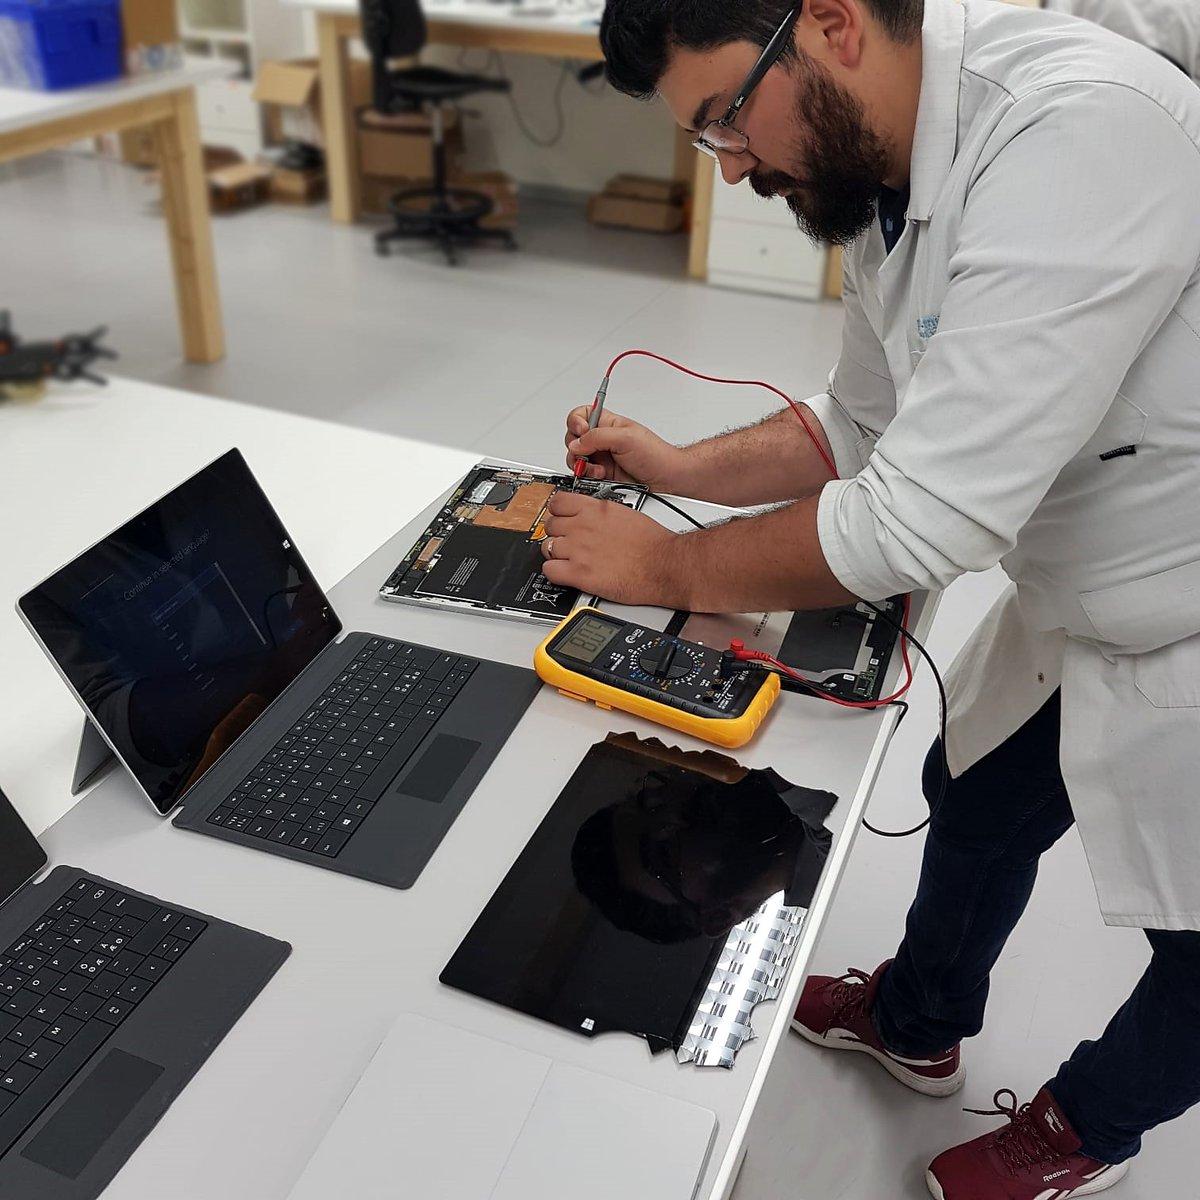 Temos uma equipa de cerca de 20 técnicos, especializados em reparação!   Problemas com o teu Surface? Nós podemos ajudar.  http://www.ptelemoveis.pt | 244001251   #ptelemoveis #microsoftsurface #economiacircular #microsoftrepair pic.twitter.com/l4fG9lKk3D